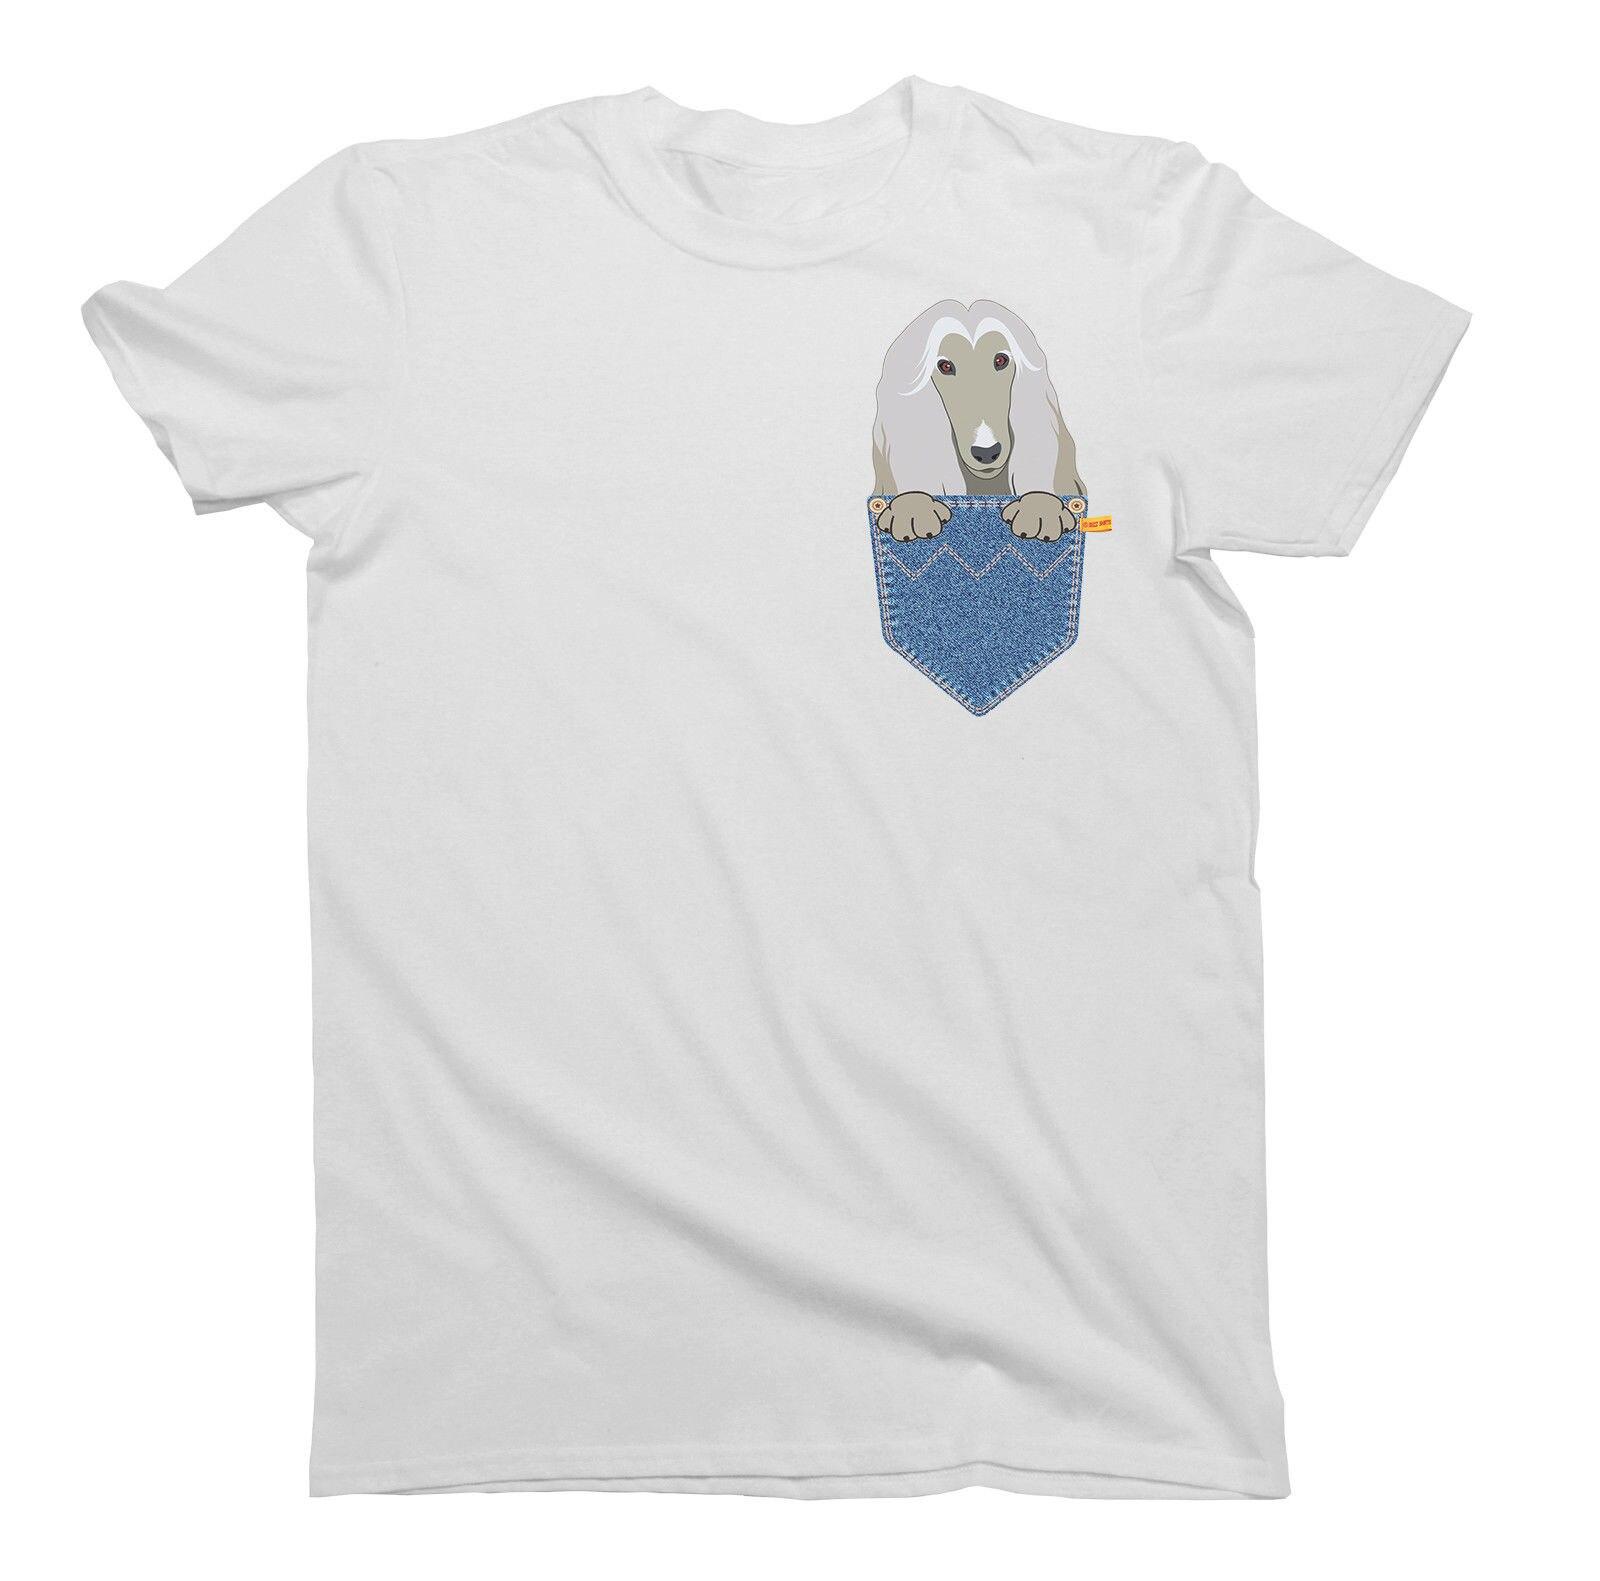 ¡Novedad de 2019! Ropa de marca Hip Hop para hombre y hombre, camisetas de moda con bolsillo de Bull Terrier Inglés, camisetas de manga corta para regalo de cumpleaños para perros